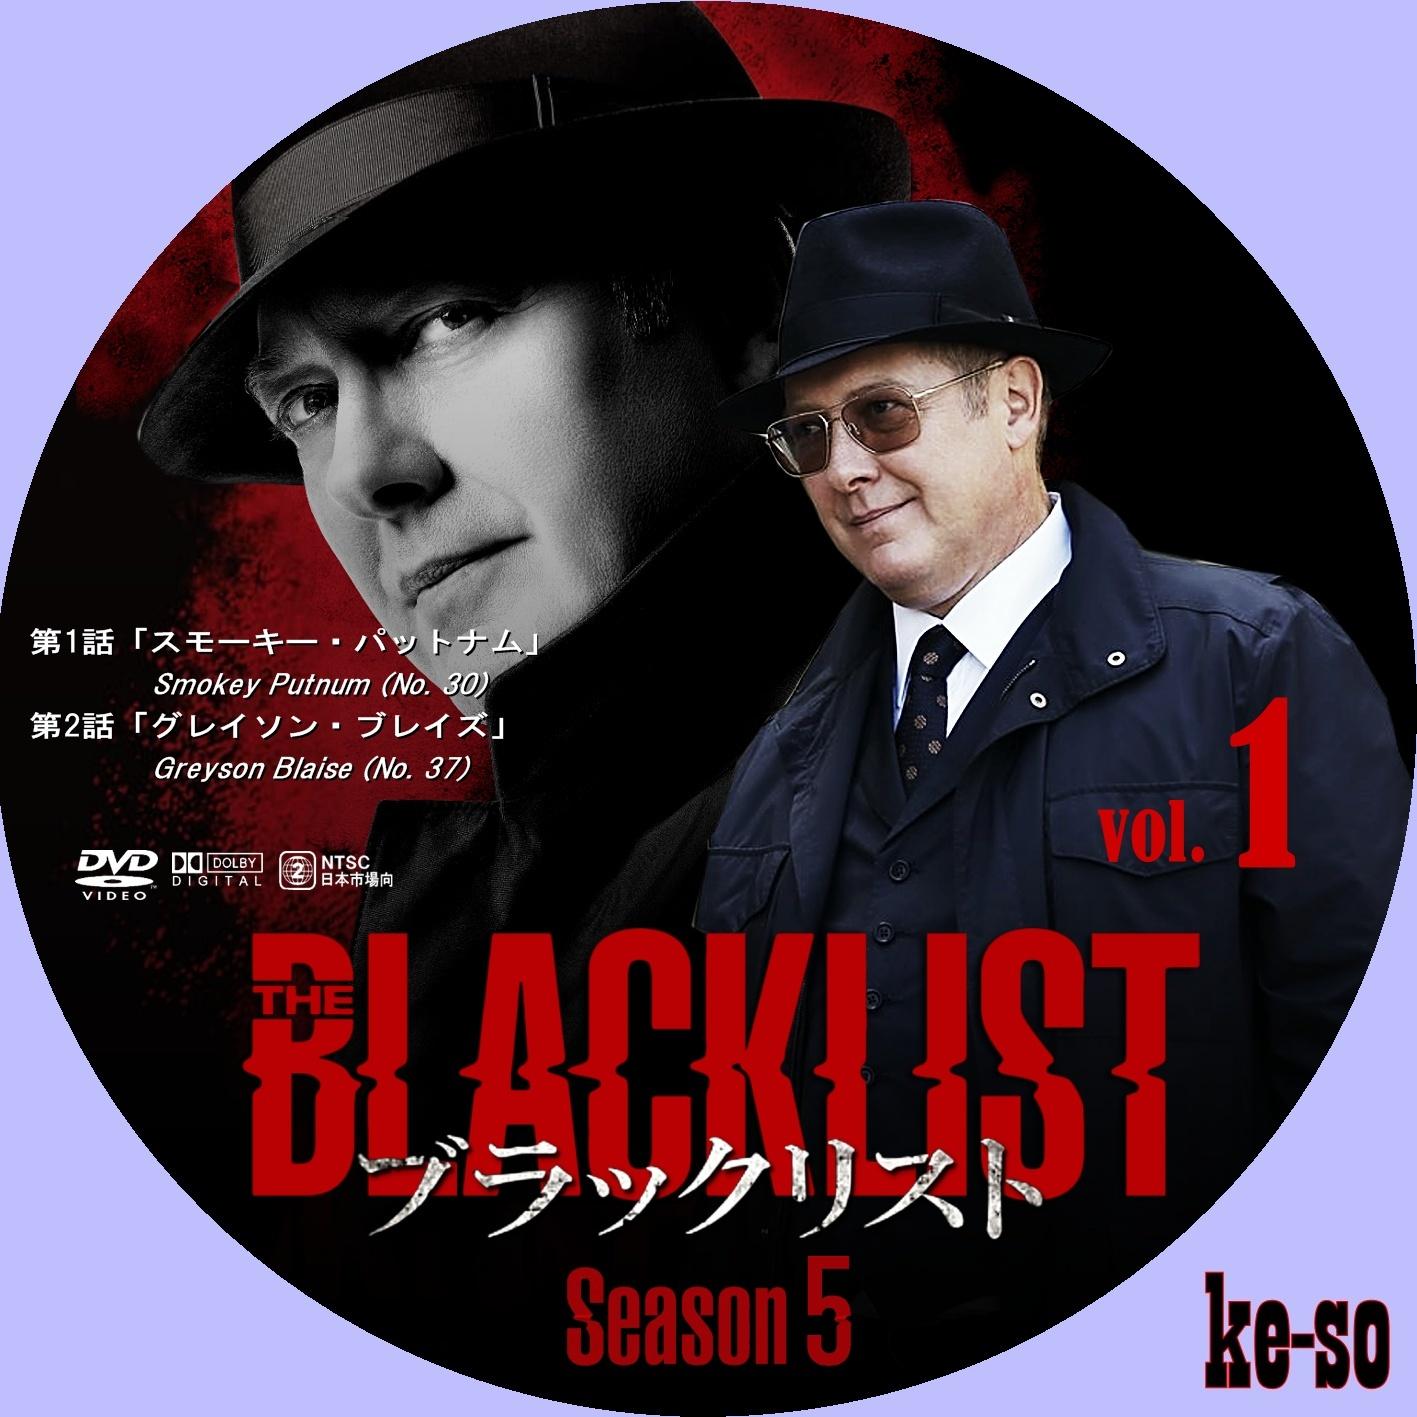 7 ブラック リスト シーズン